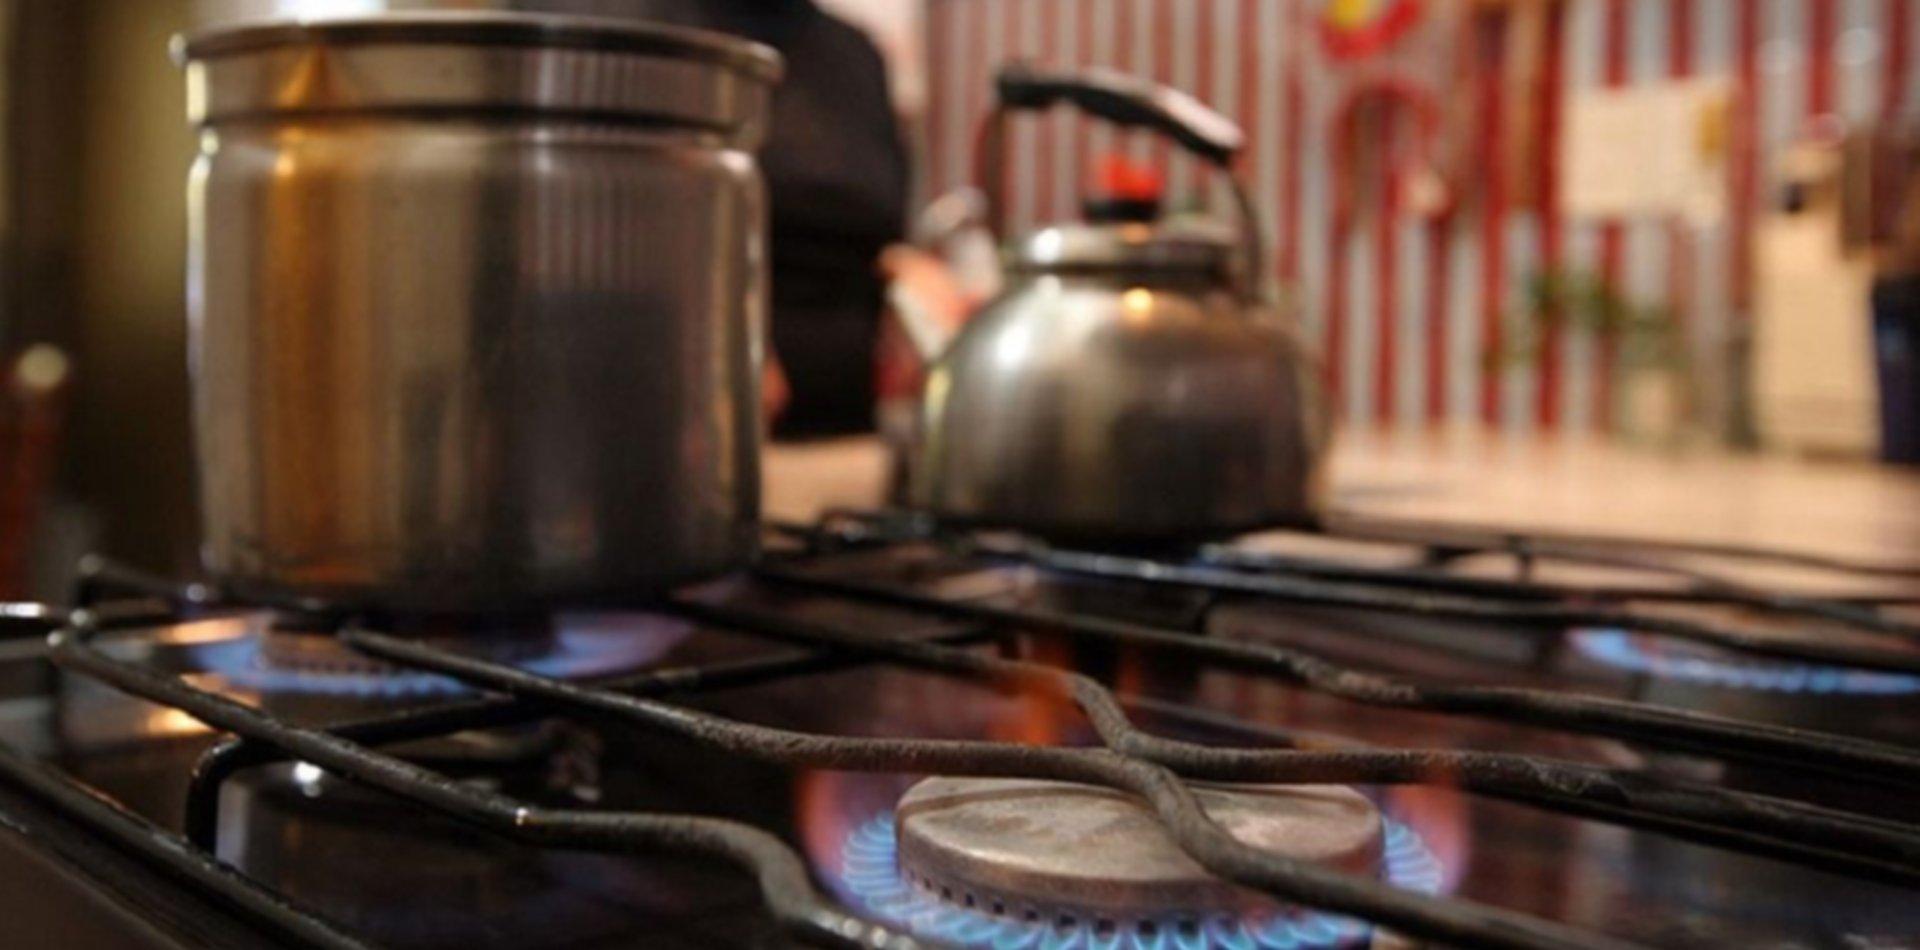 Autorizaron nuevos cuadros tarifarios y los platenses se preparan para el aumento del gas